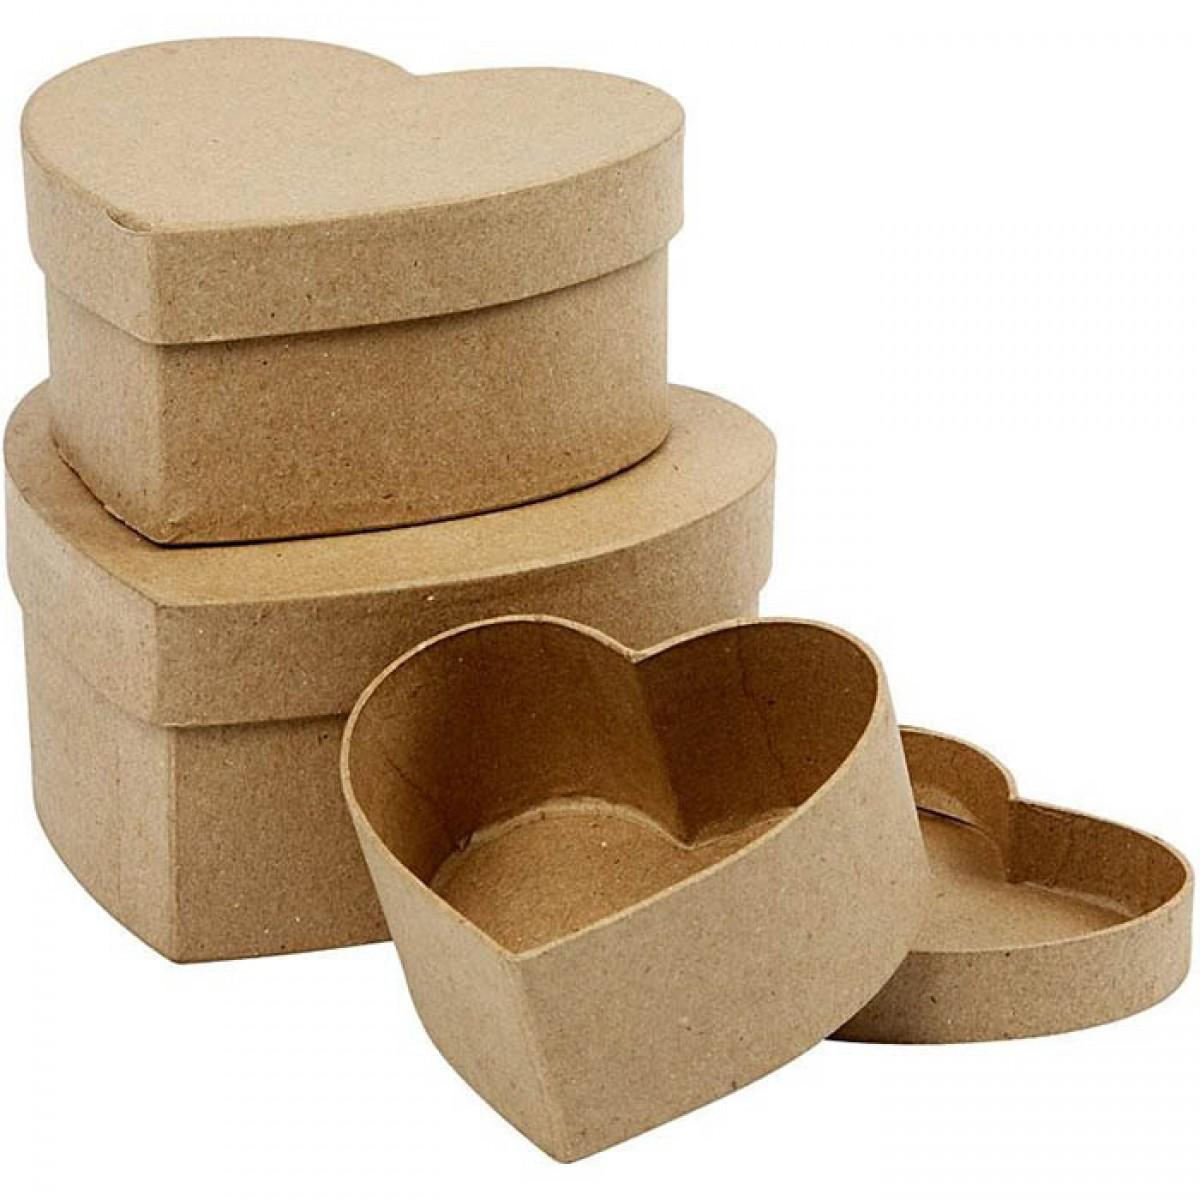 Κουτί Καρδιά (3 Μεγ.) Υλικά Χειροτεχνίας